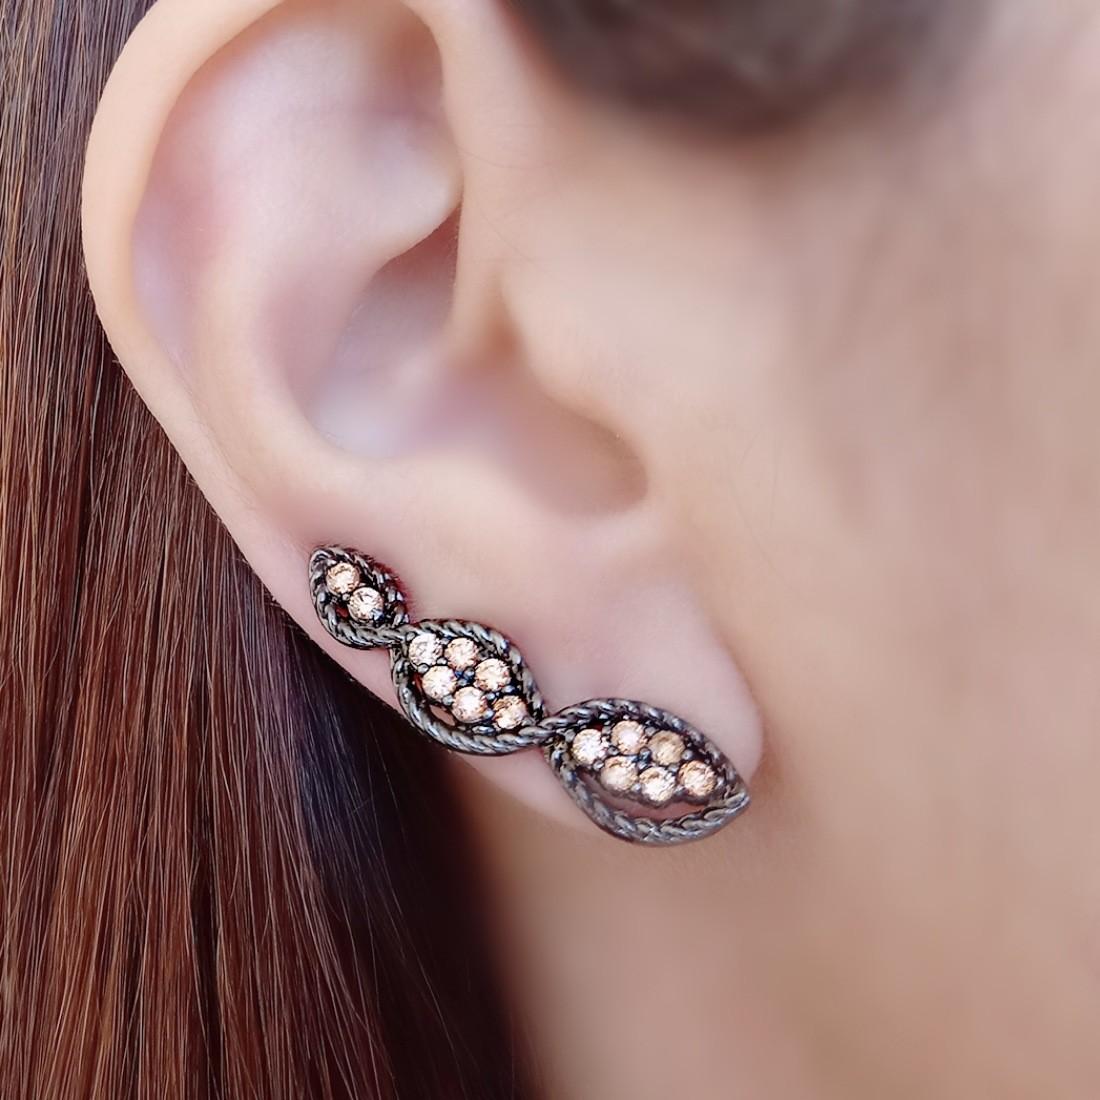 Brinco Ear Cuff Trançado Semijoia em Ródio Negro com Zircônia Citrino  - Soloyou